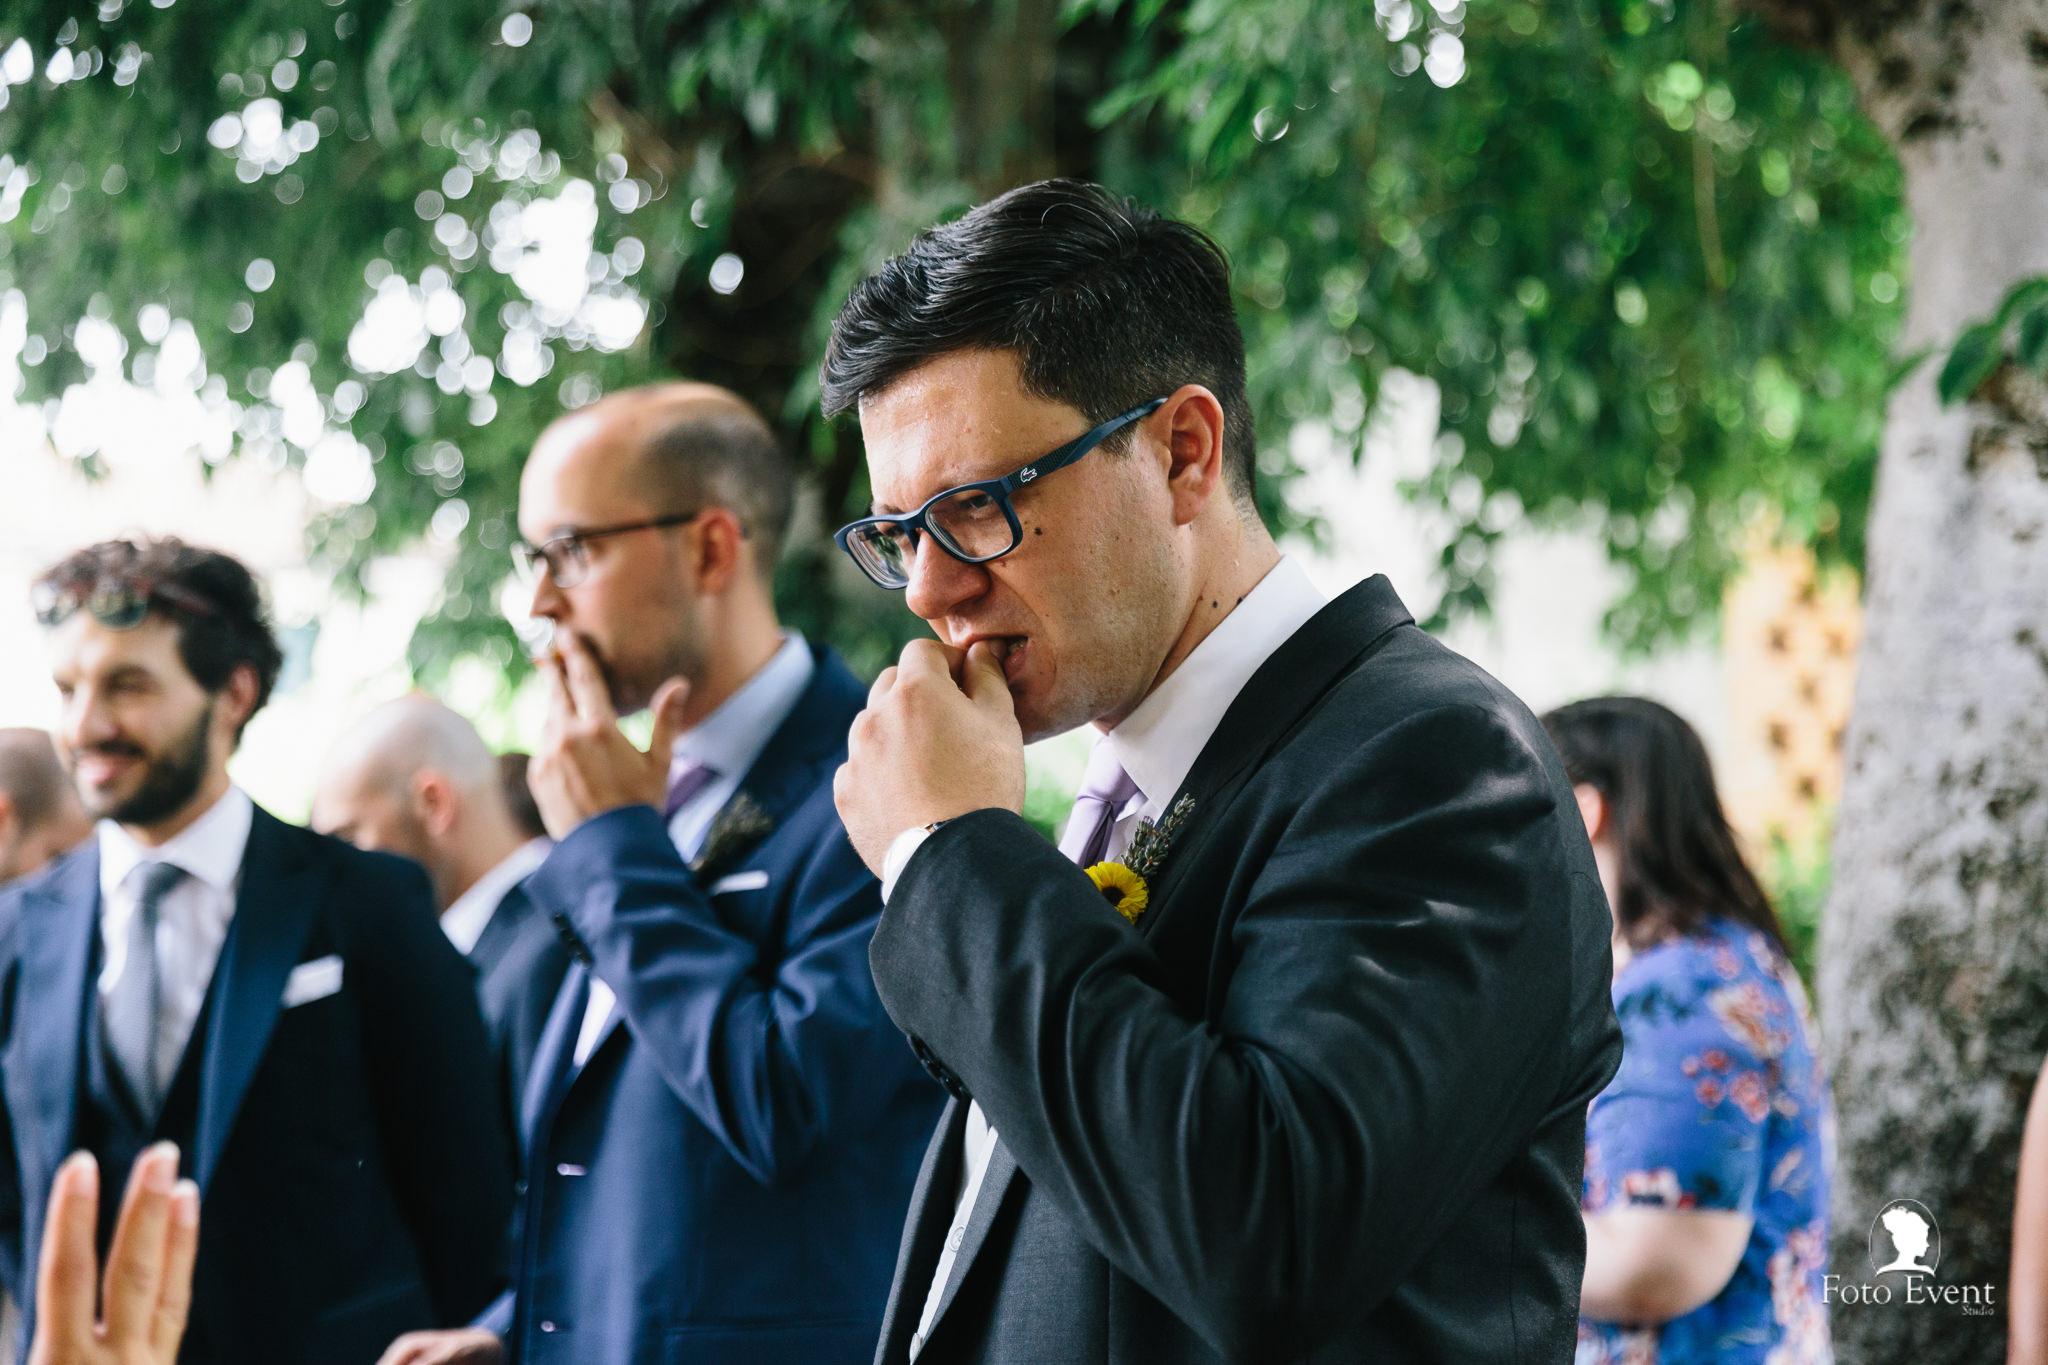 030-2019-07-27-Matrimonio-Valentina-e-Alessandro-Pettinari-5DE-463